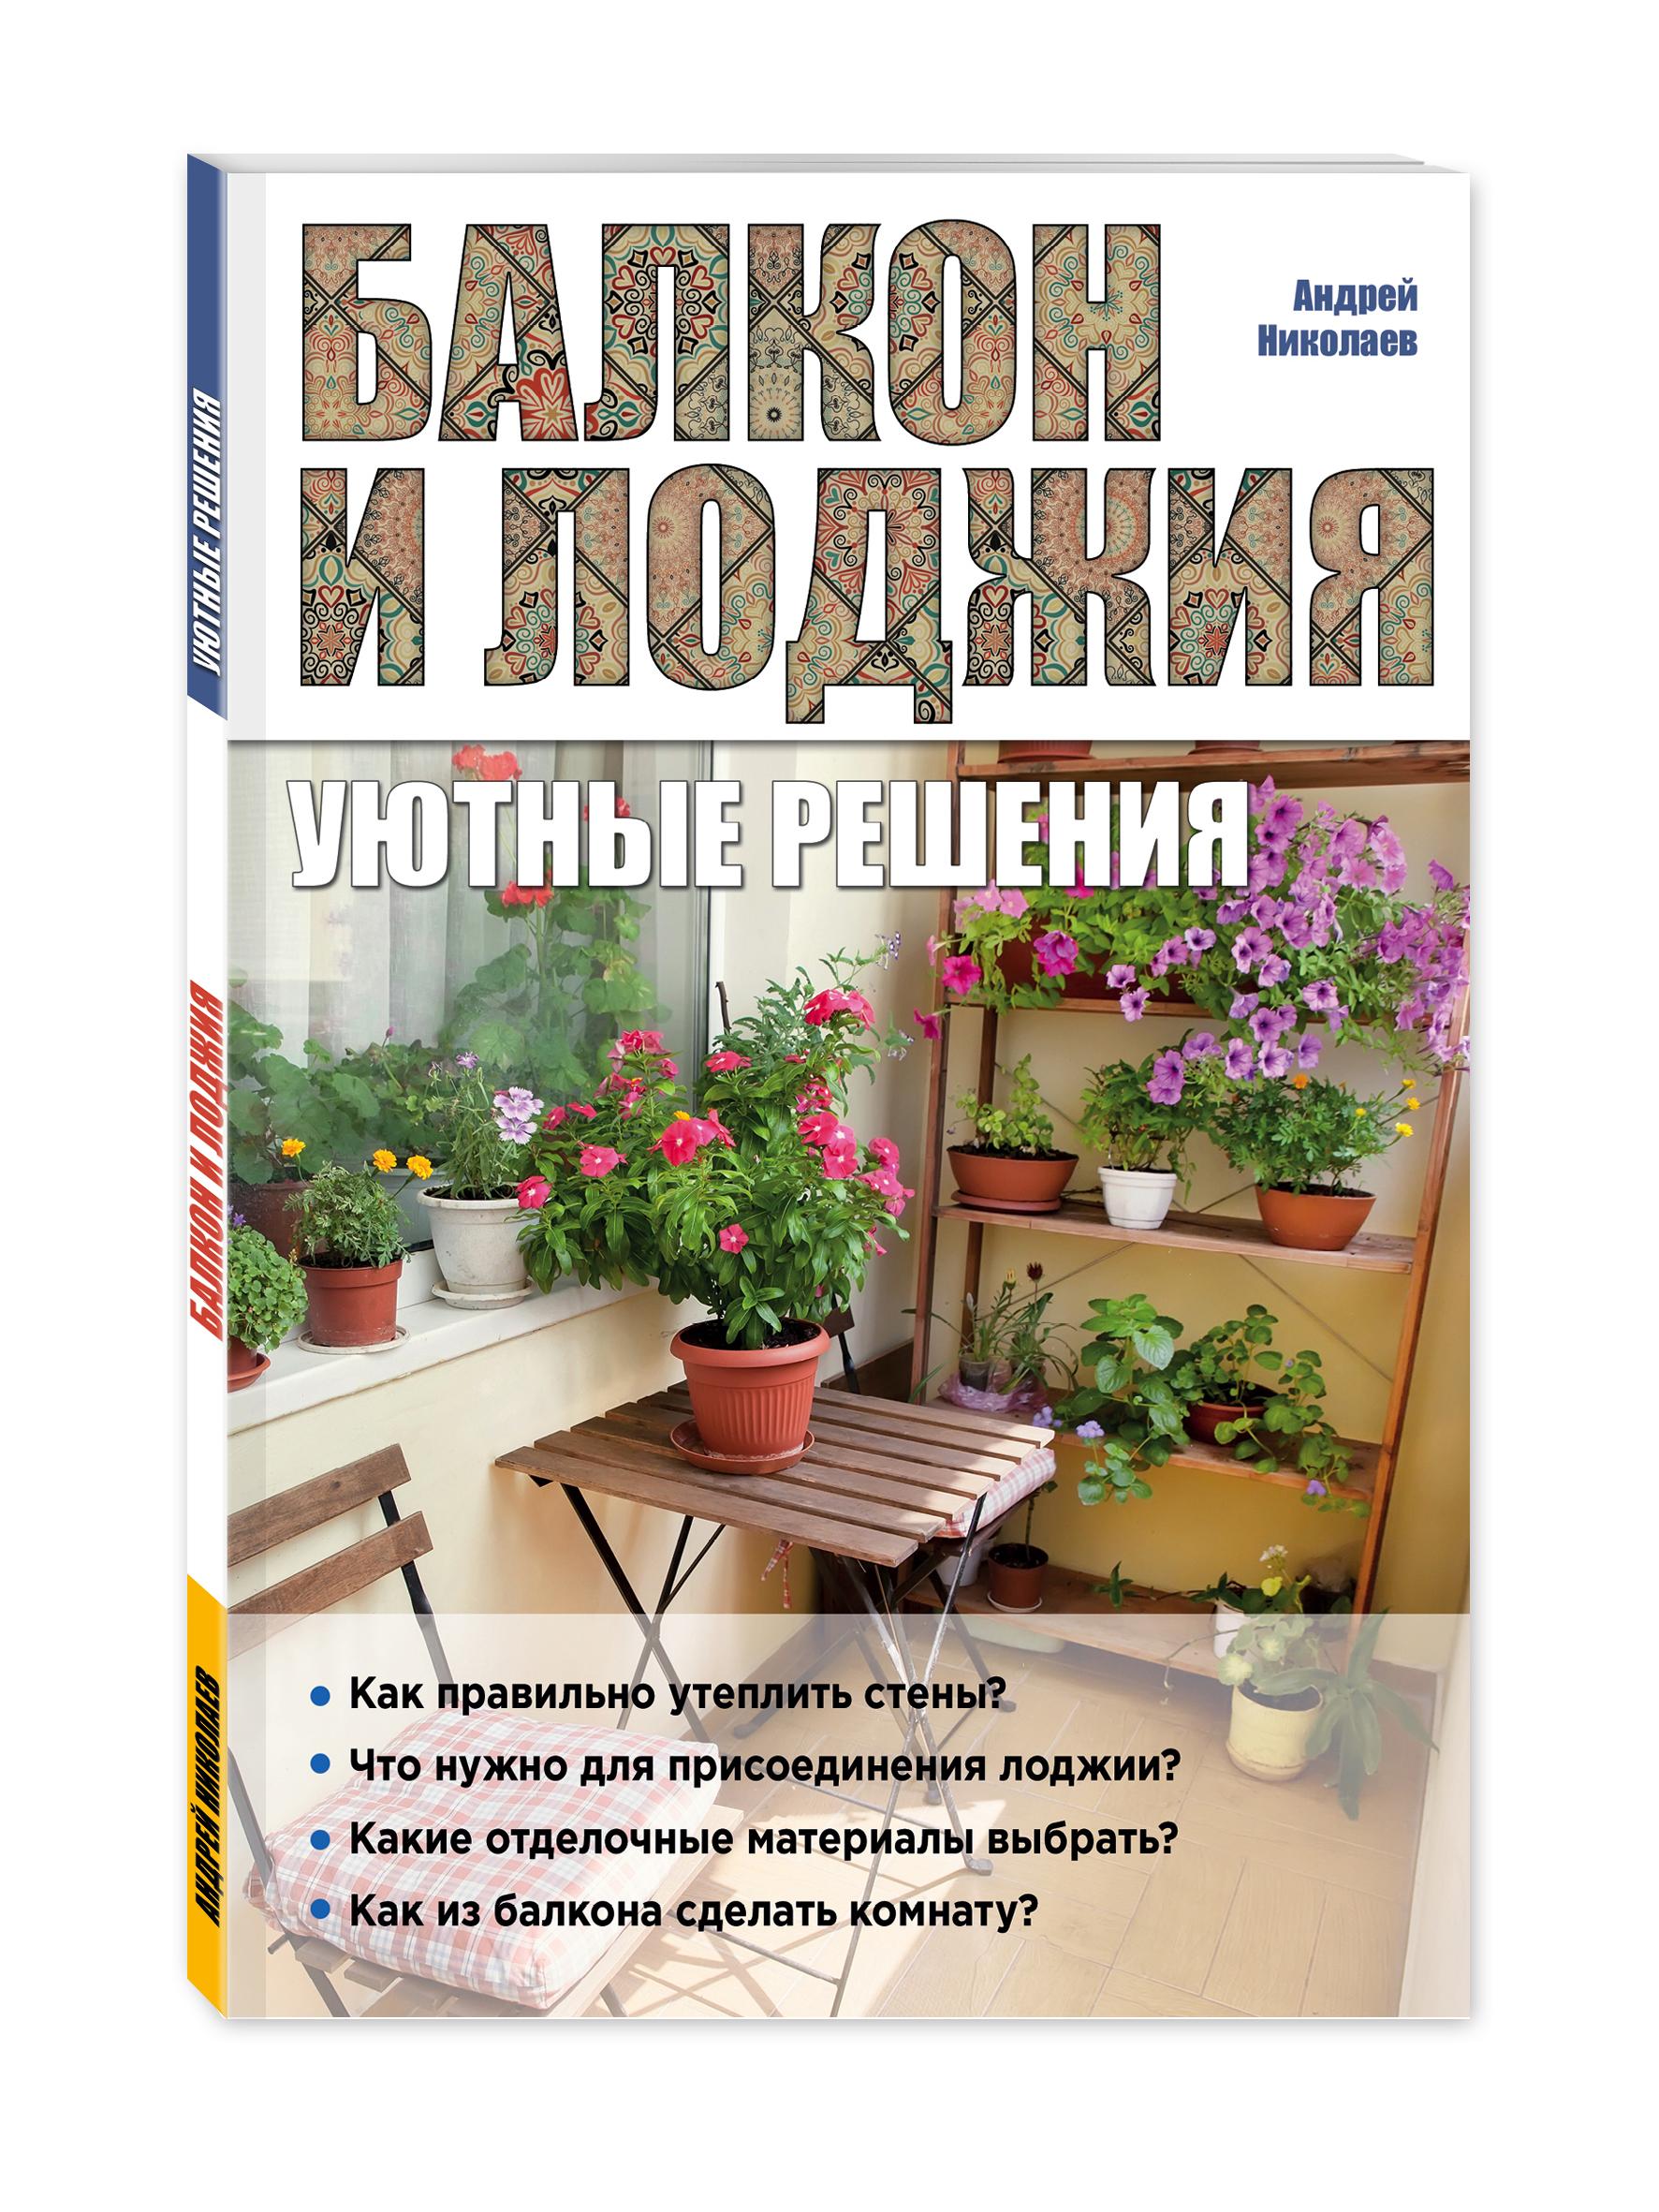 Николаев А.А. Балкон и лоджия: уютные решения